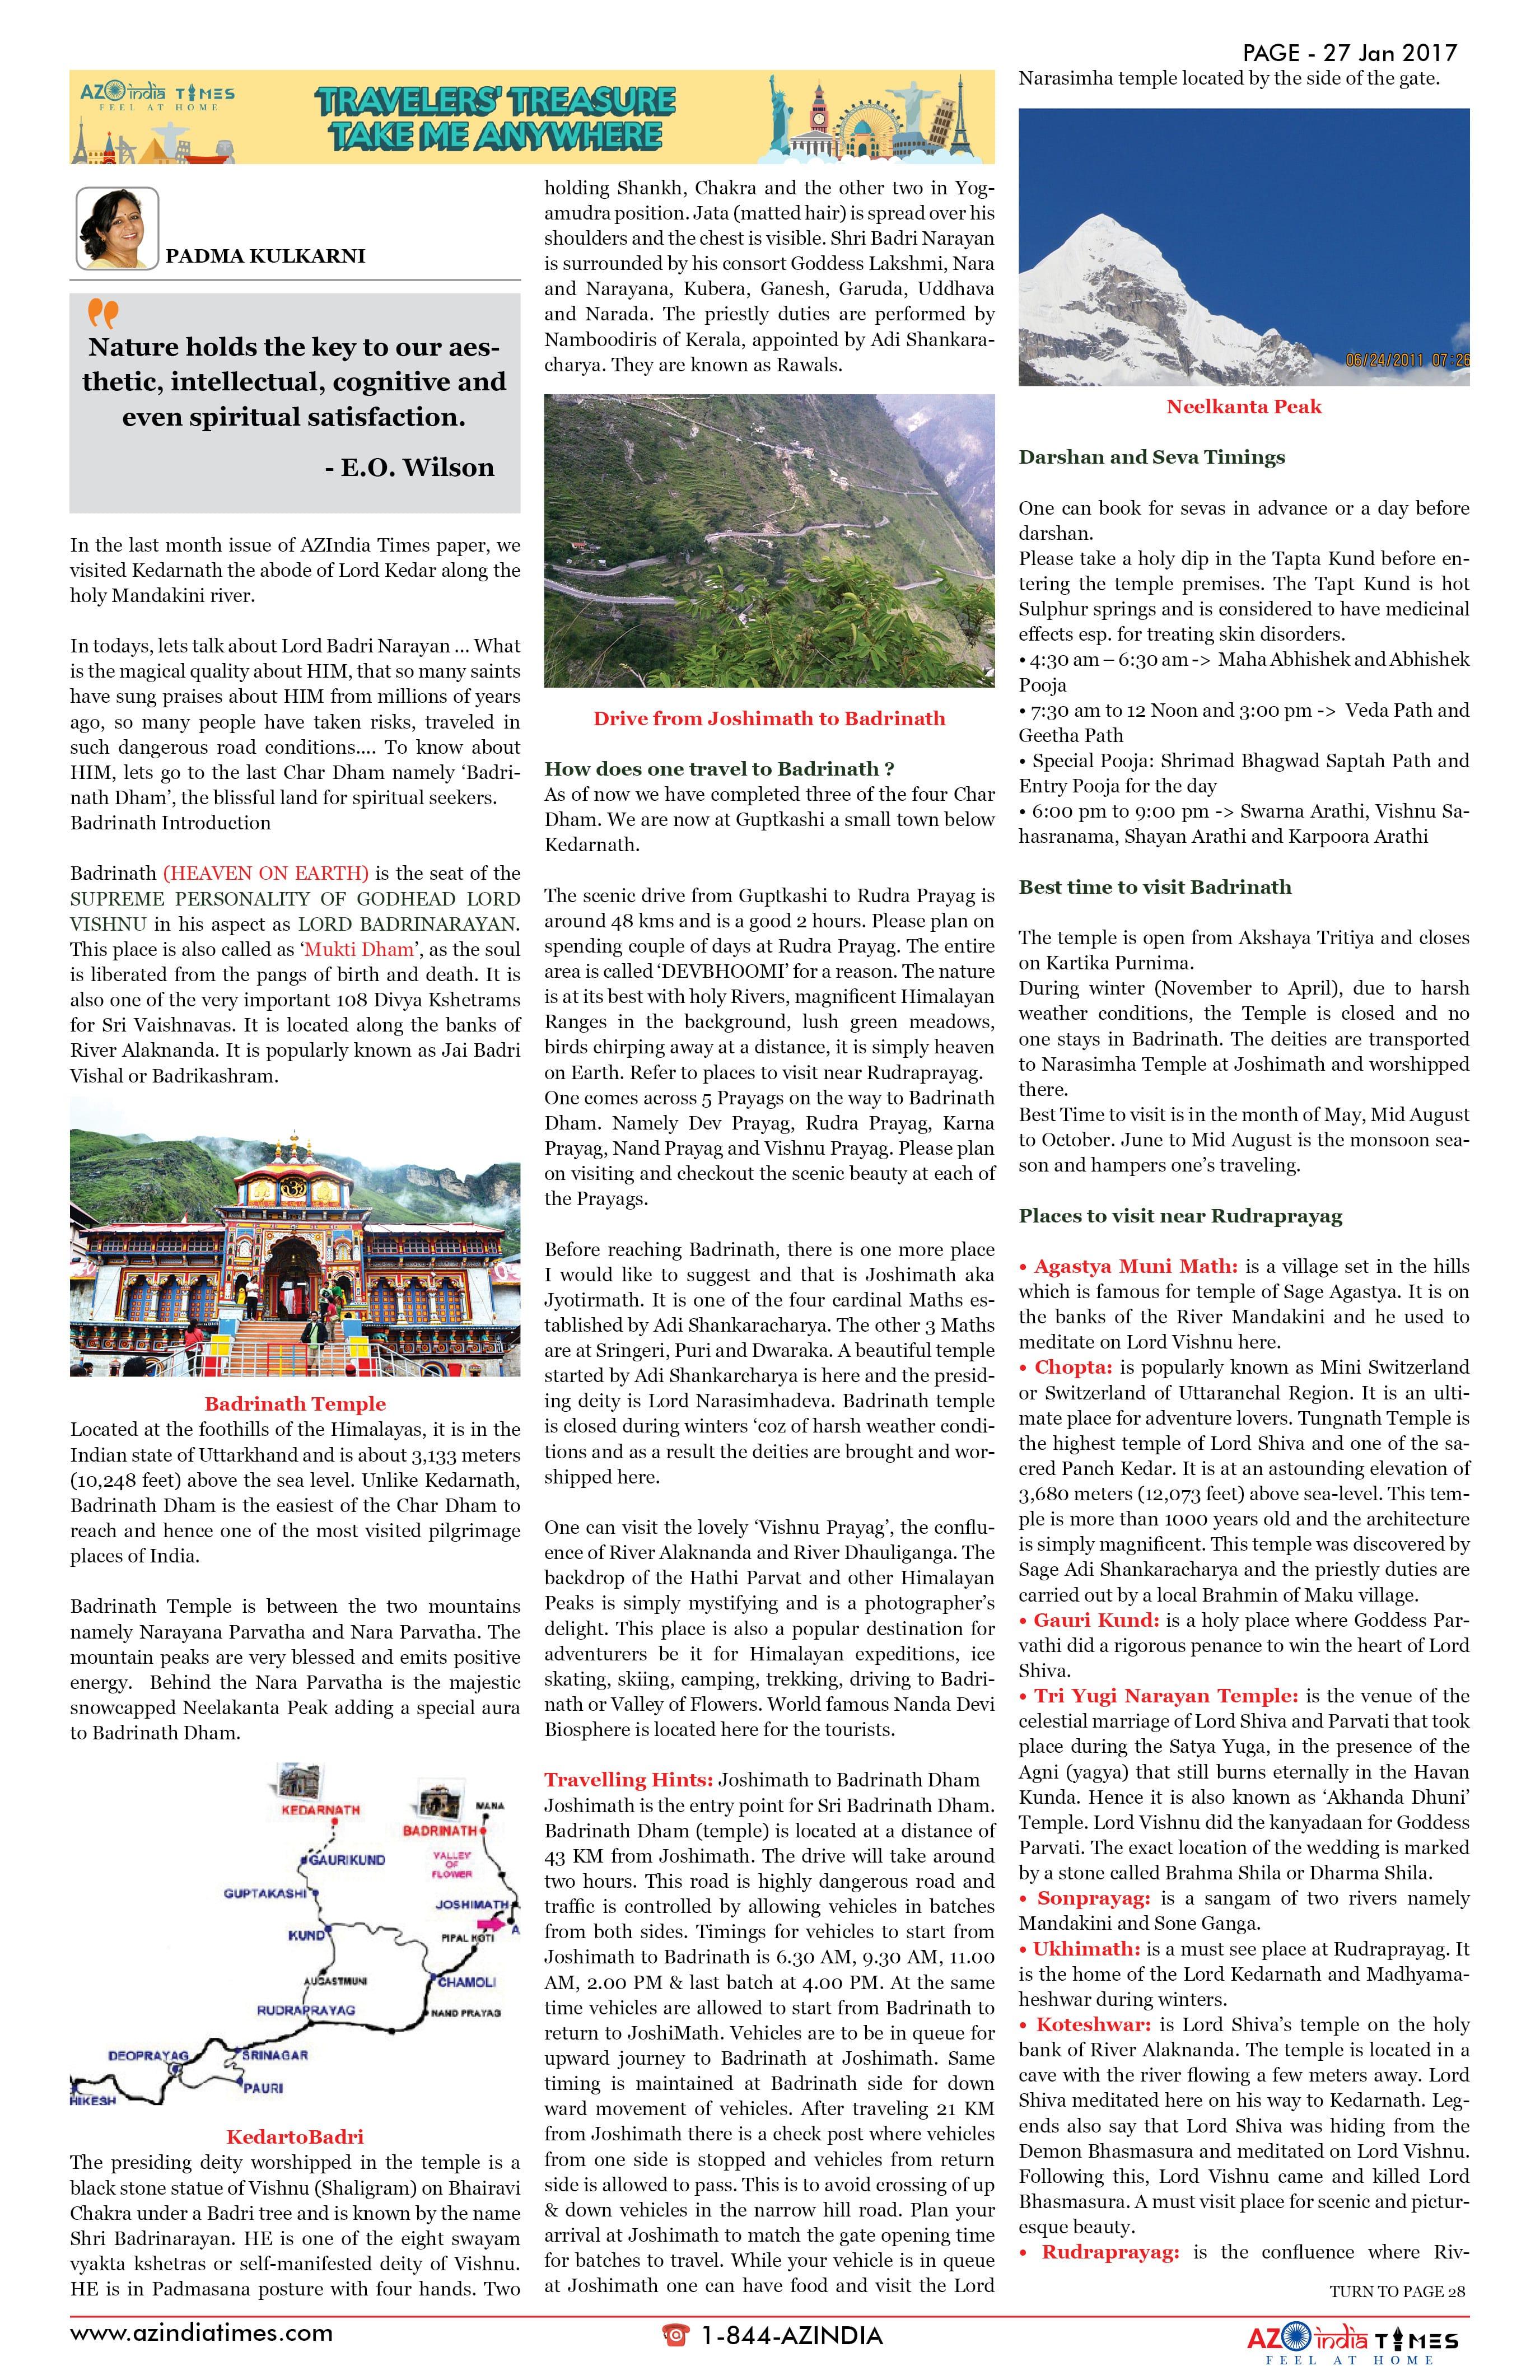 AZ INDIA JANUARY EDITION-27